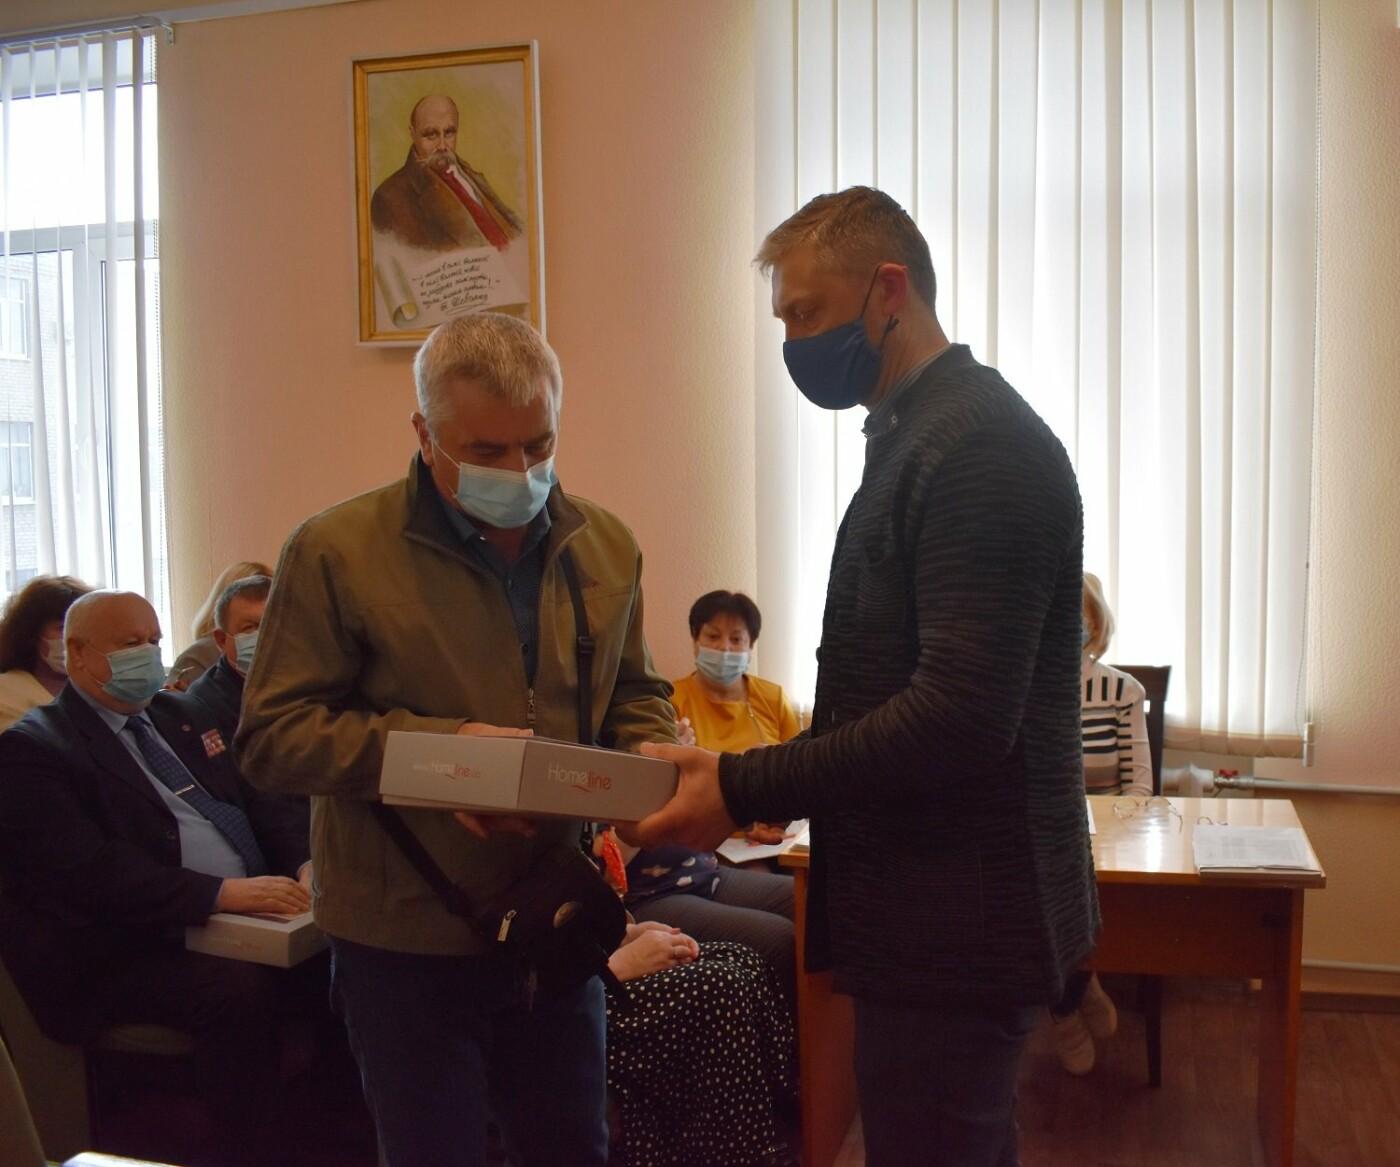 В Северодонецке наградили грамотами ликвидаторов чернобыльской катастрофы (фото), фото-4